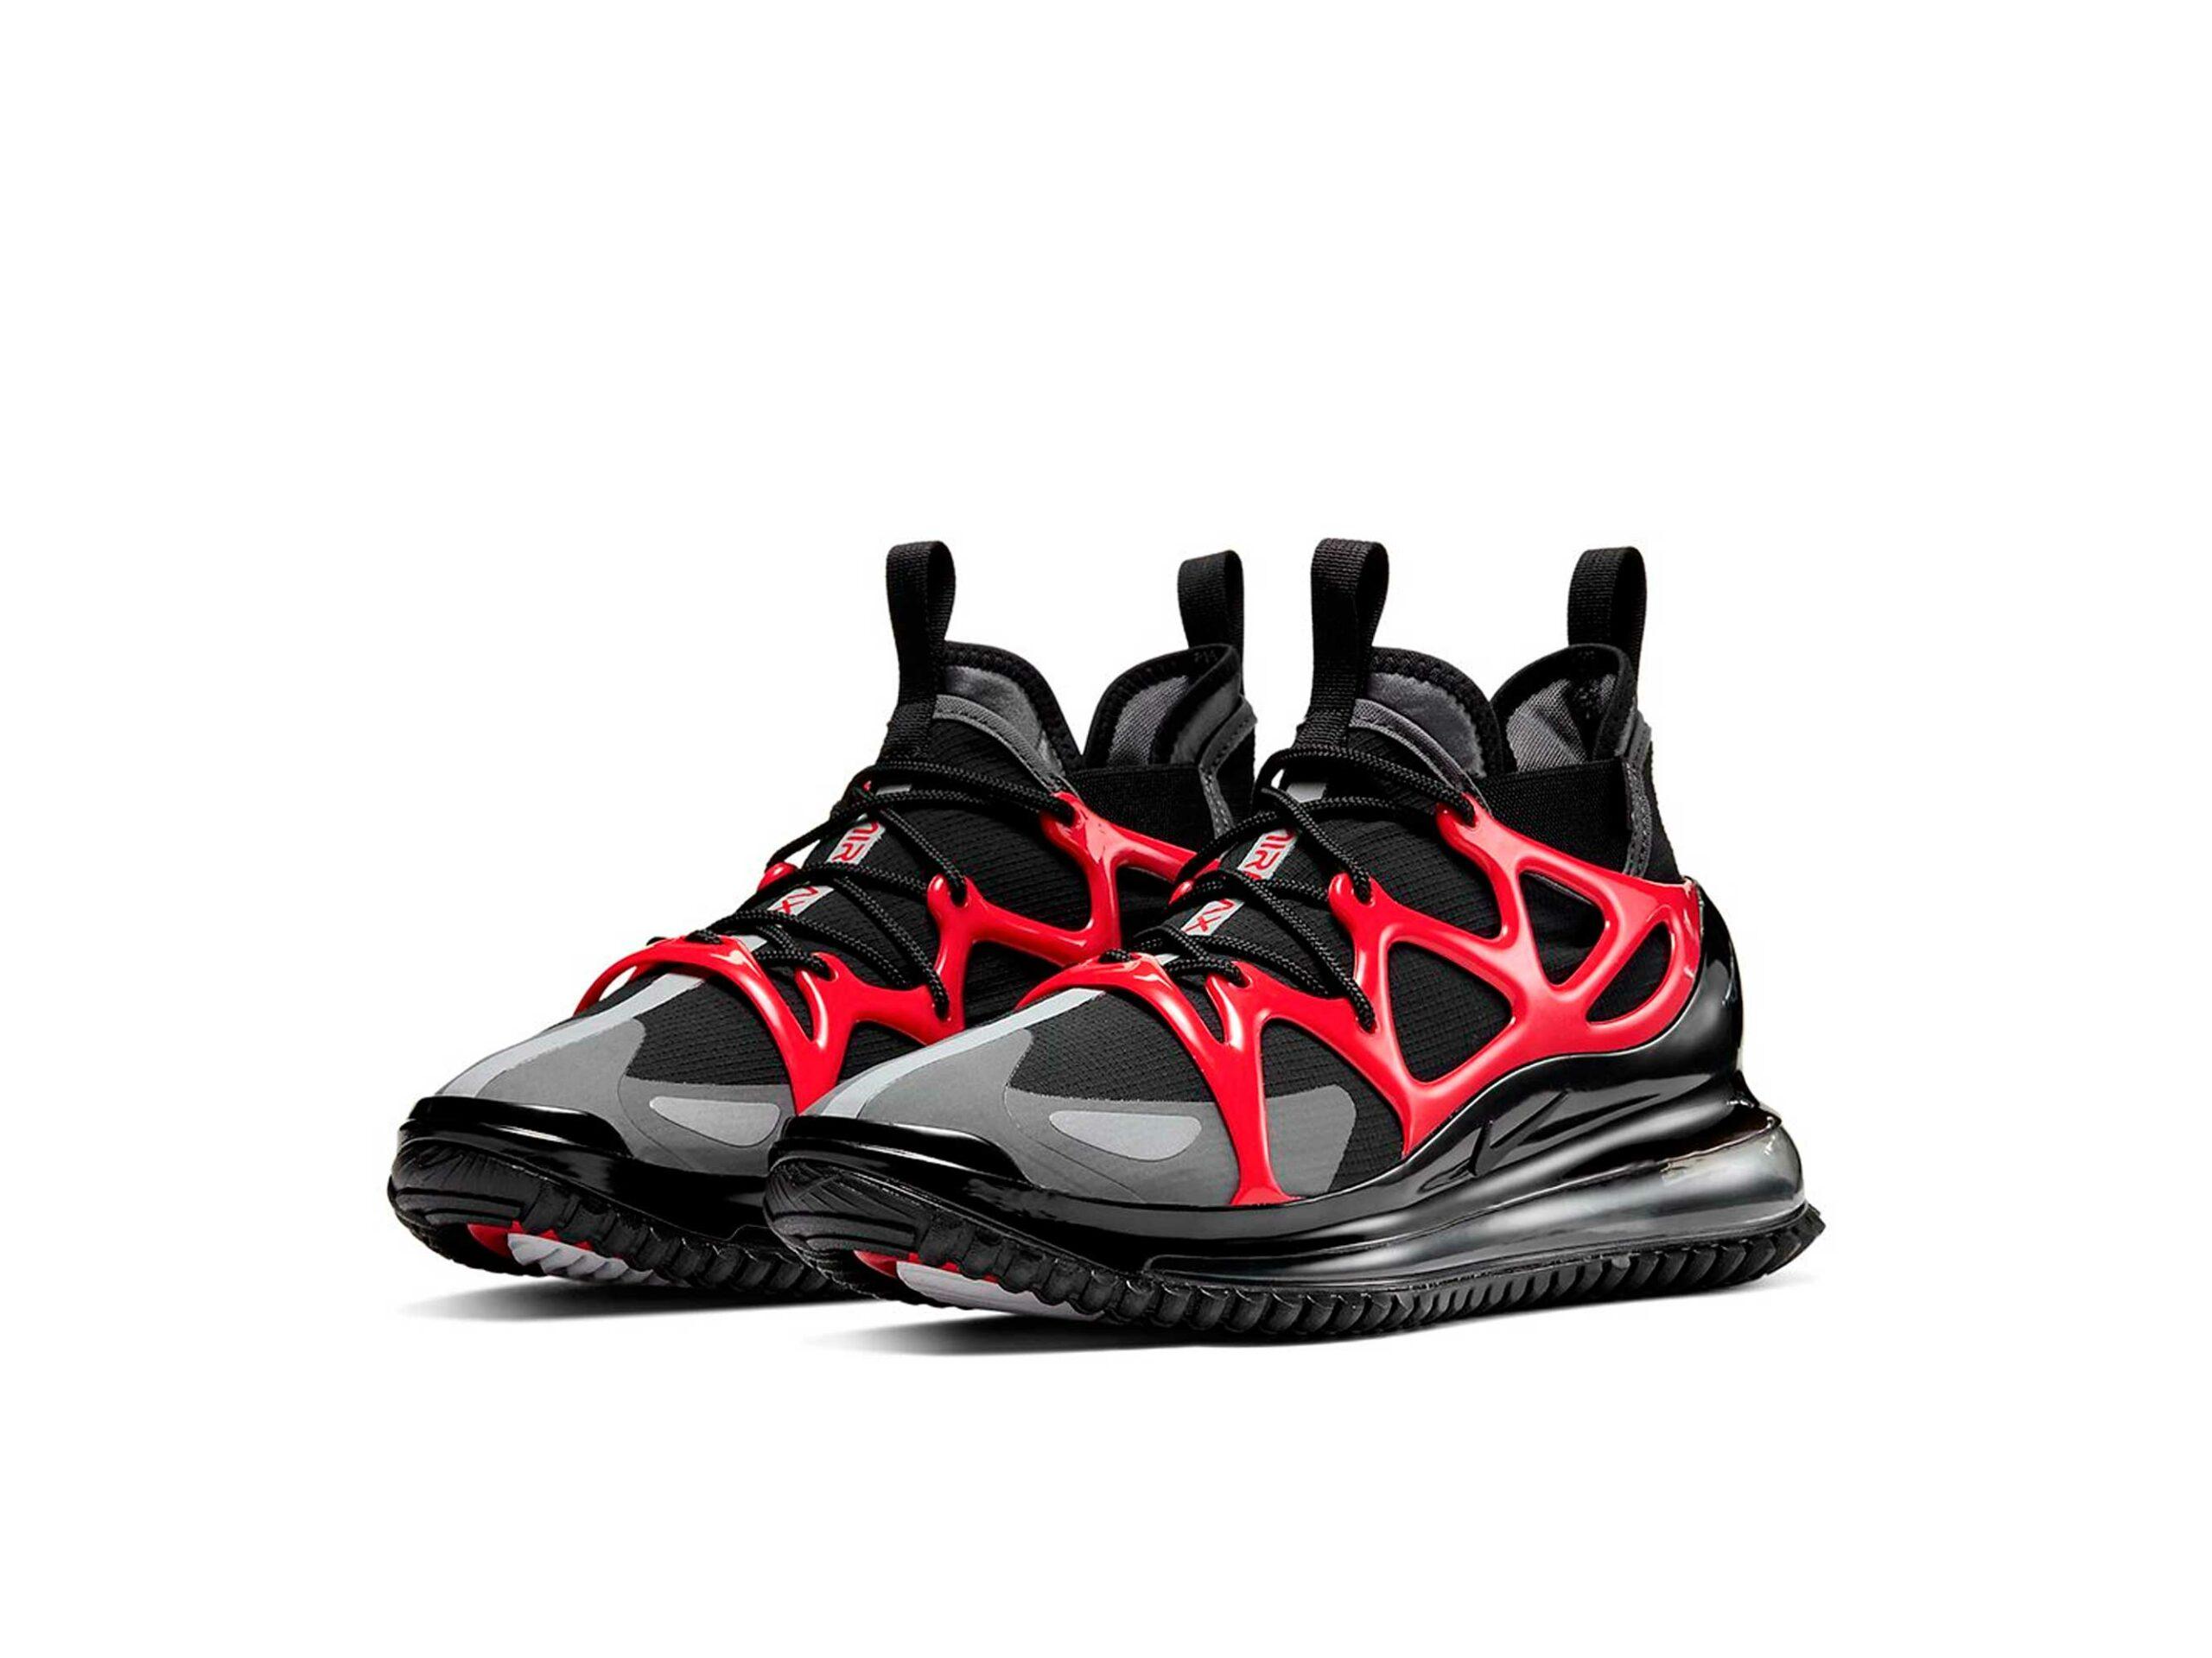 nike air max 720 horizon black red BQ5808_006 купить